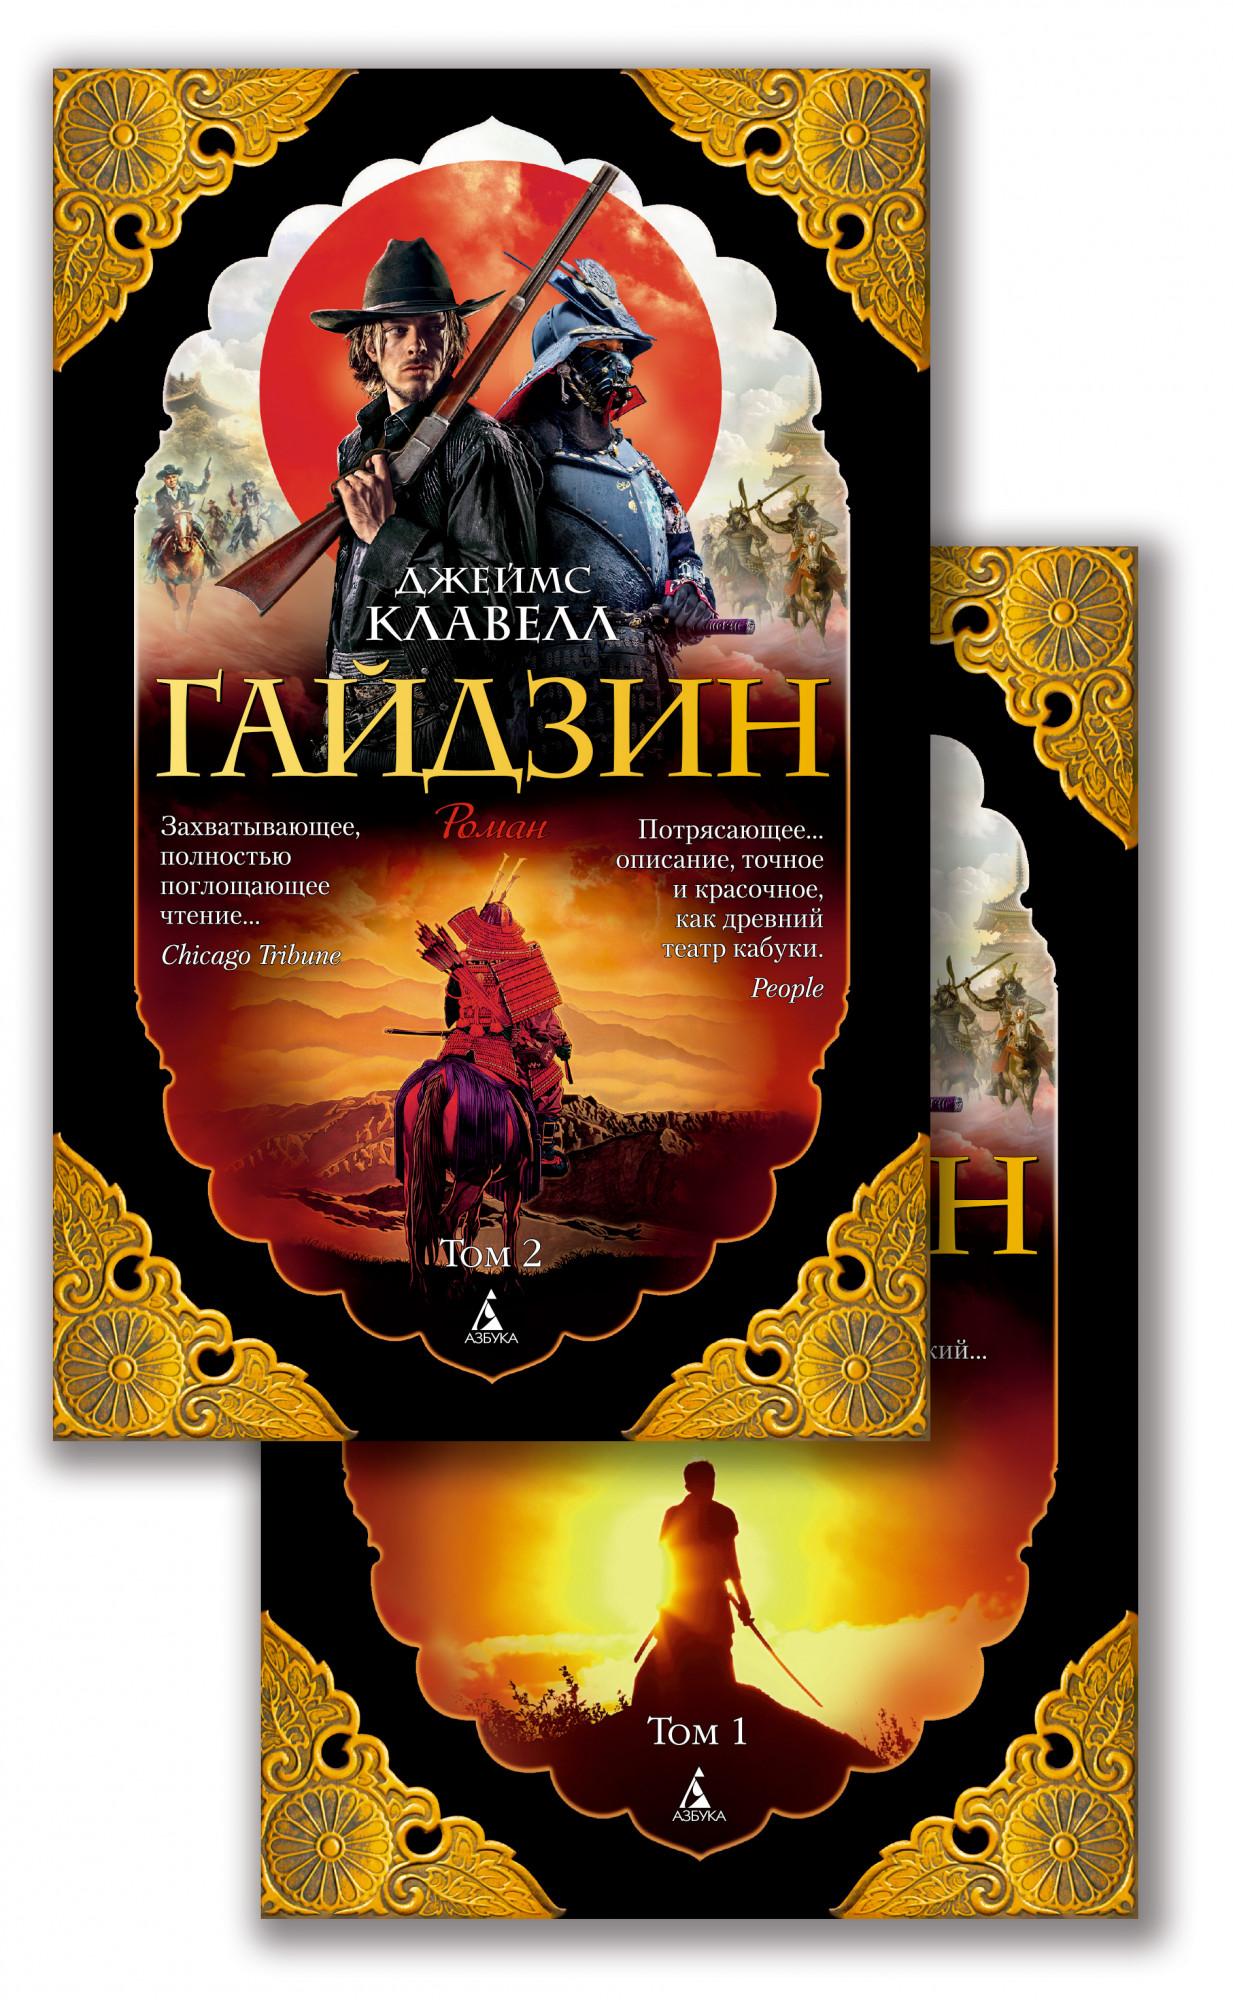 Гайдзин: В 2-х томах (комплект)